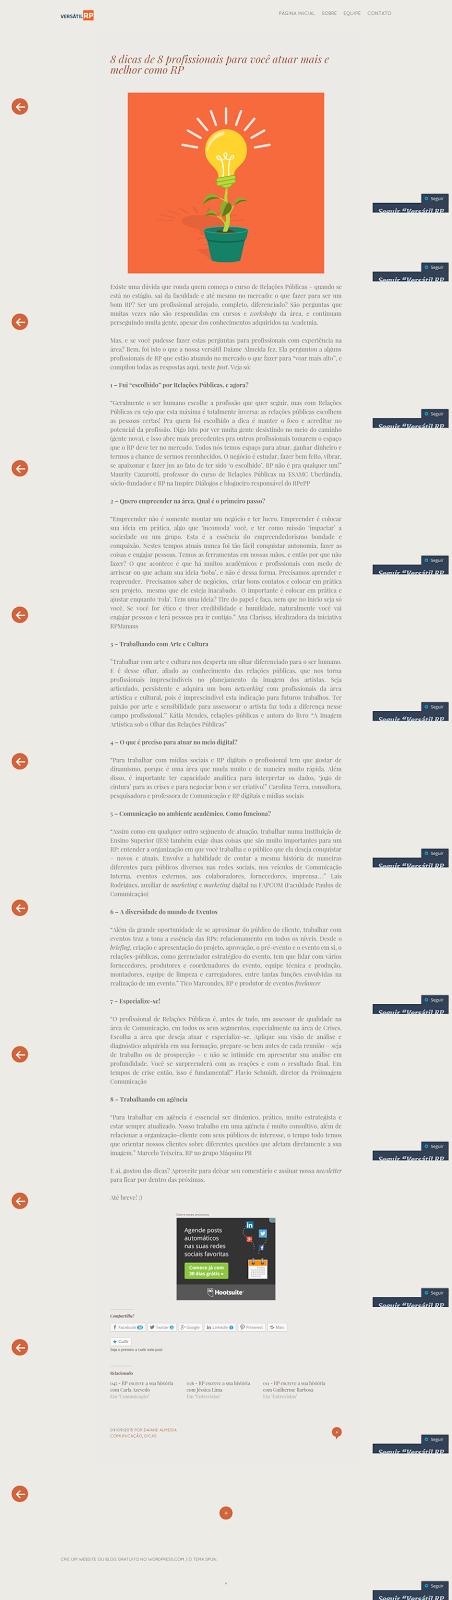 http://versatilrp.com.br/2015/09/09/8-dicas-de-8-profissionais-para-voce-atuar-mais-e-melhor-como-rp/